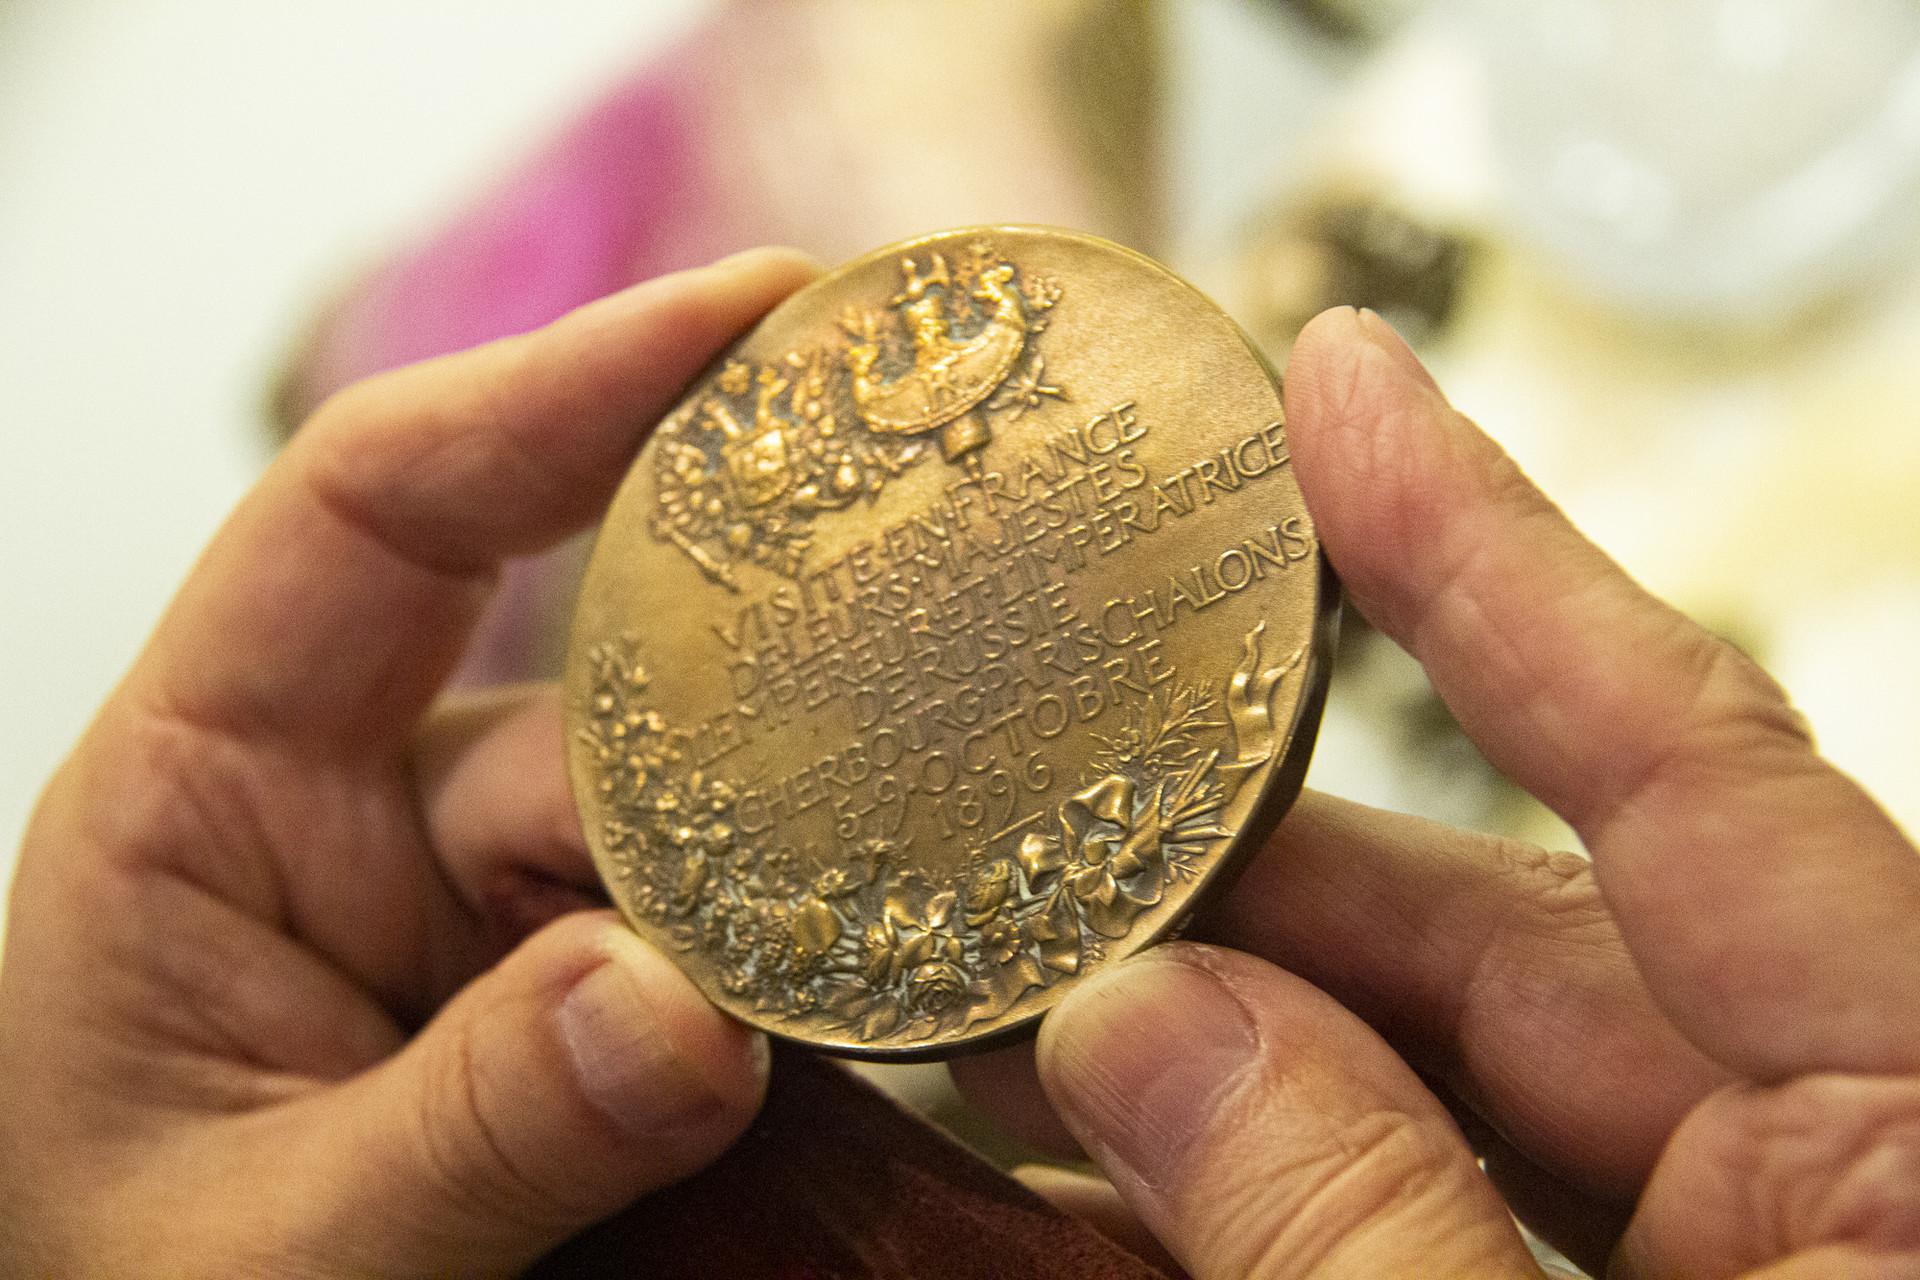 Medalha comemorativa da visita do tsar Nikolai à França.